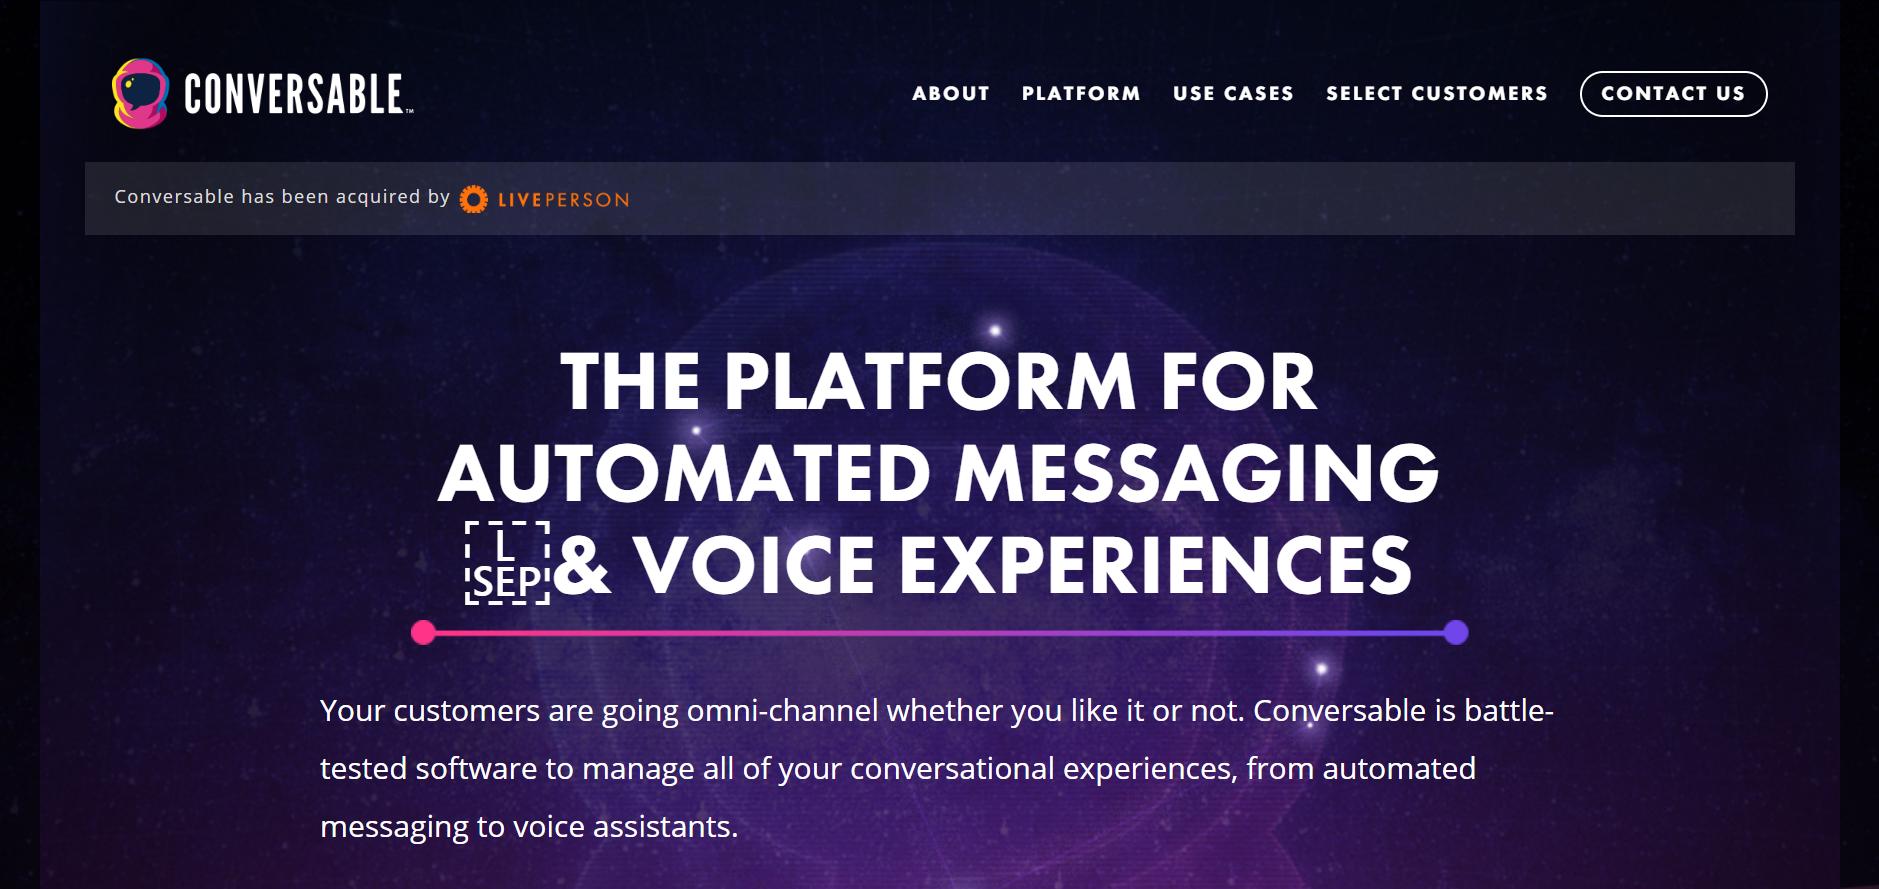 best enterprise chat software - Conversable